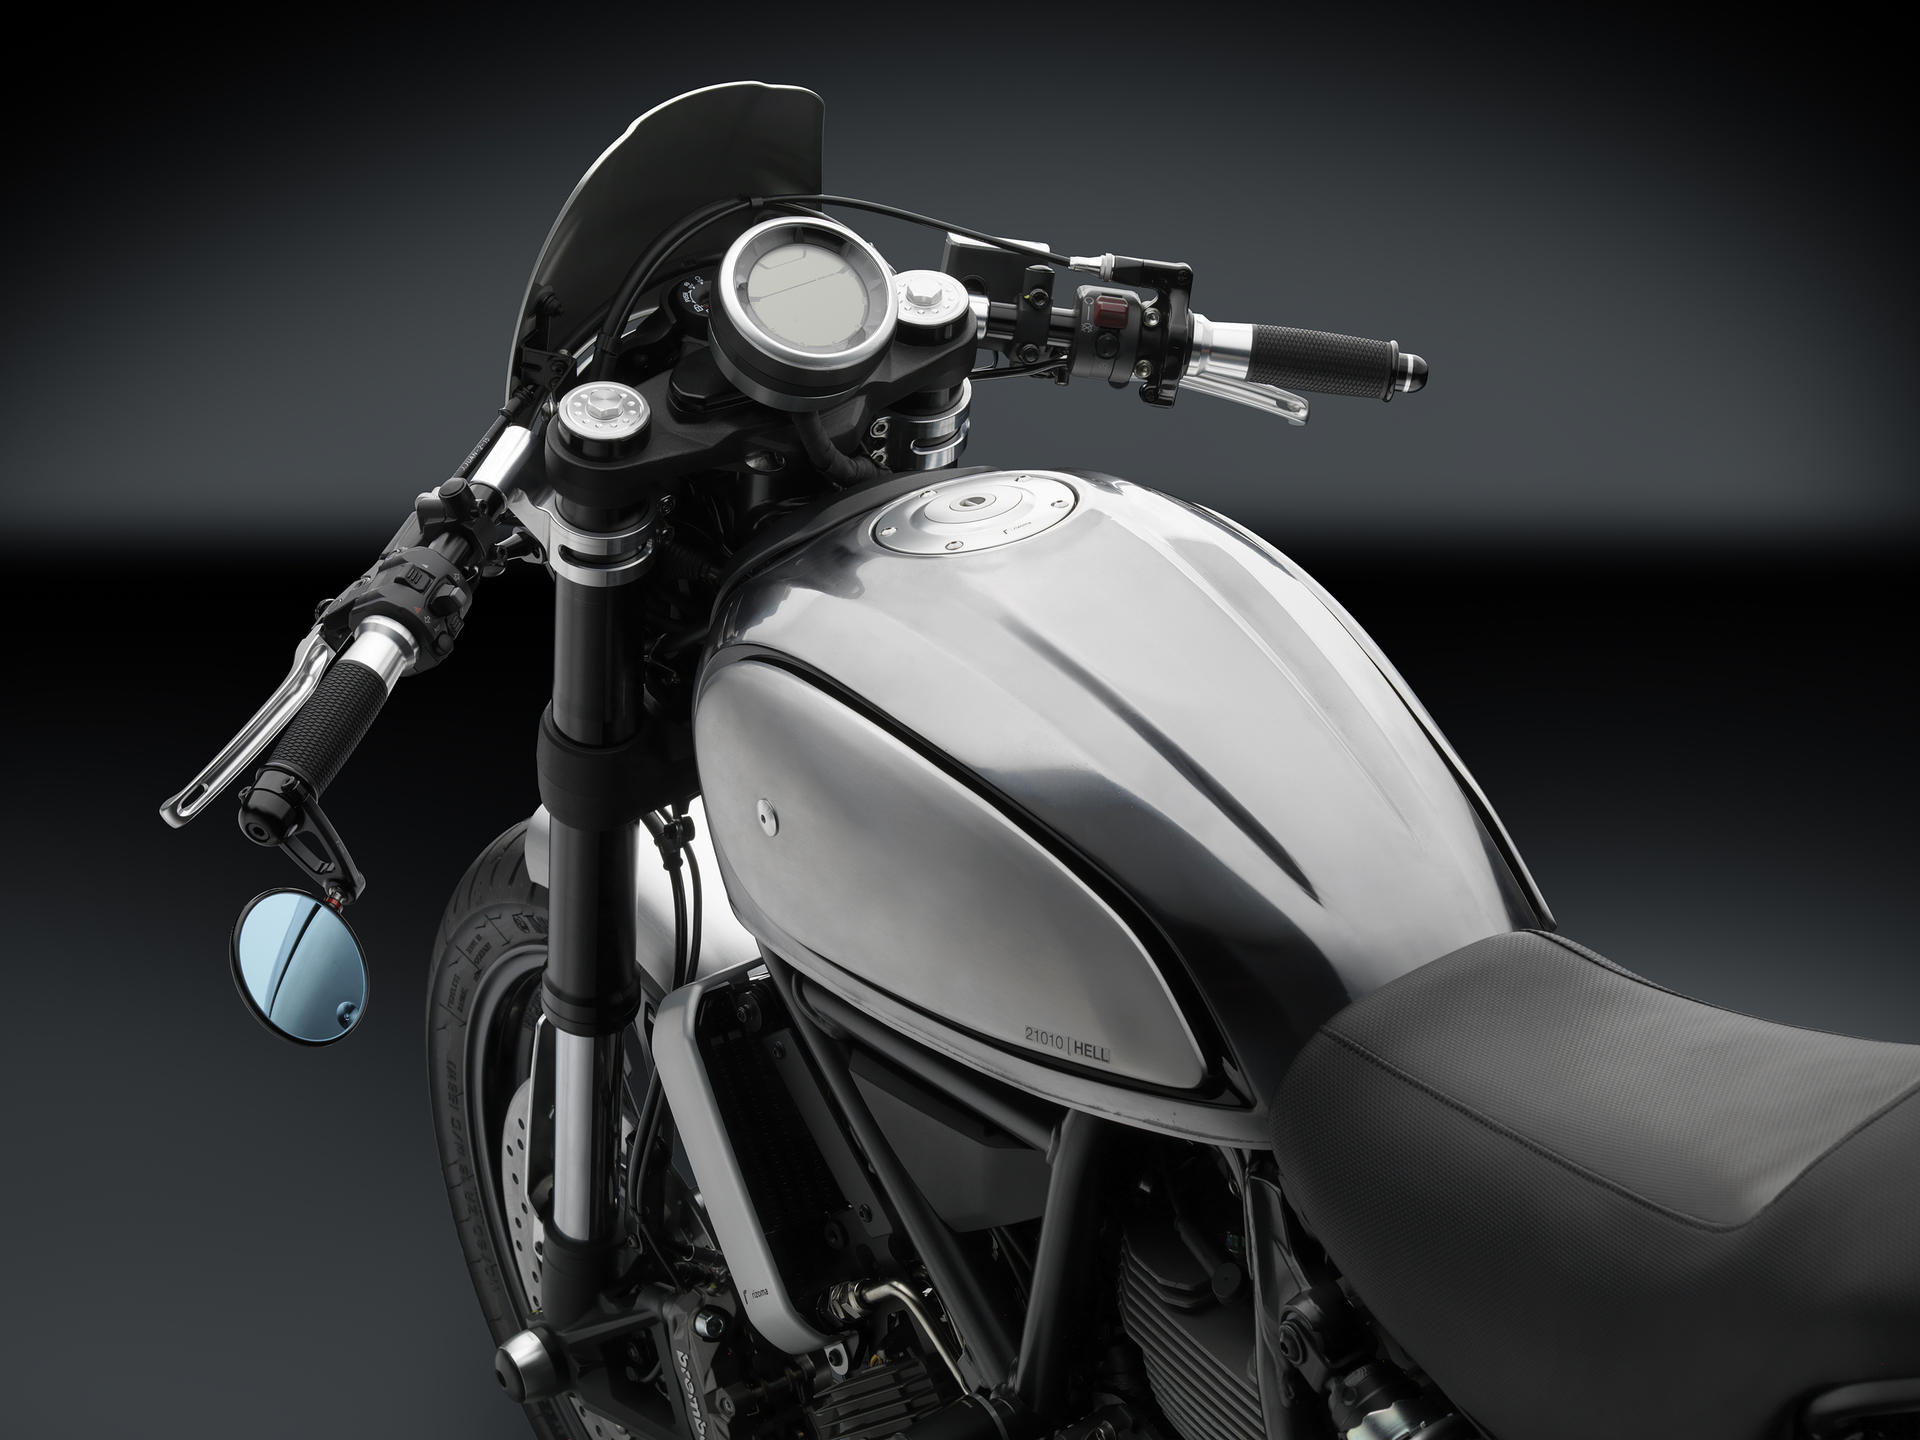 Rizoma Ducati Scrambler Headlight Fairing: CF010